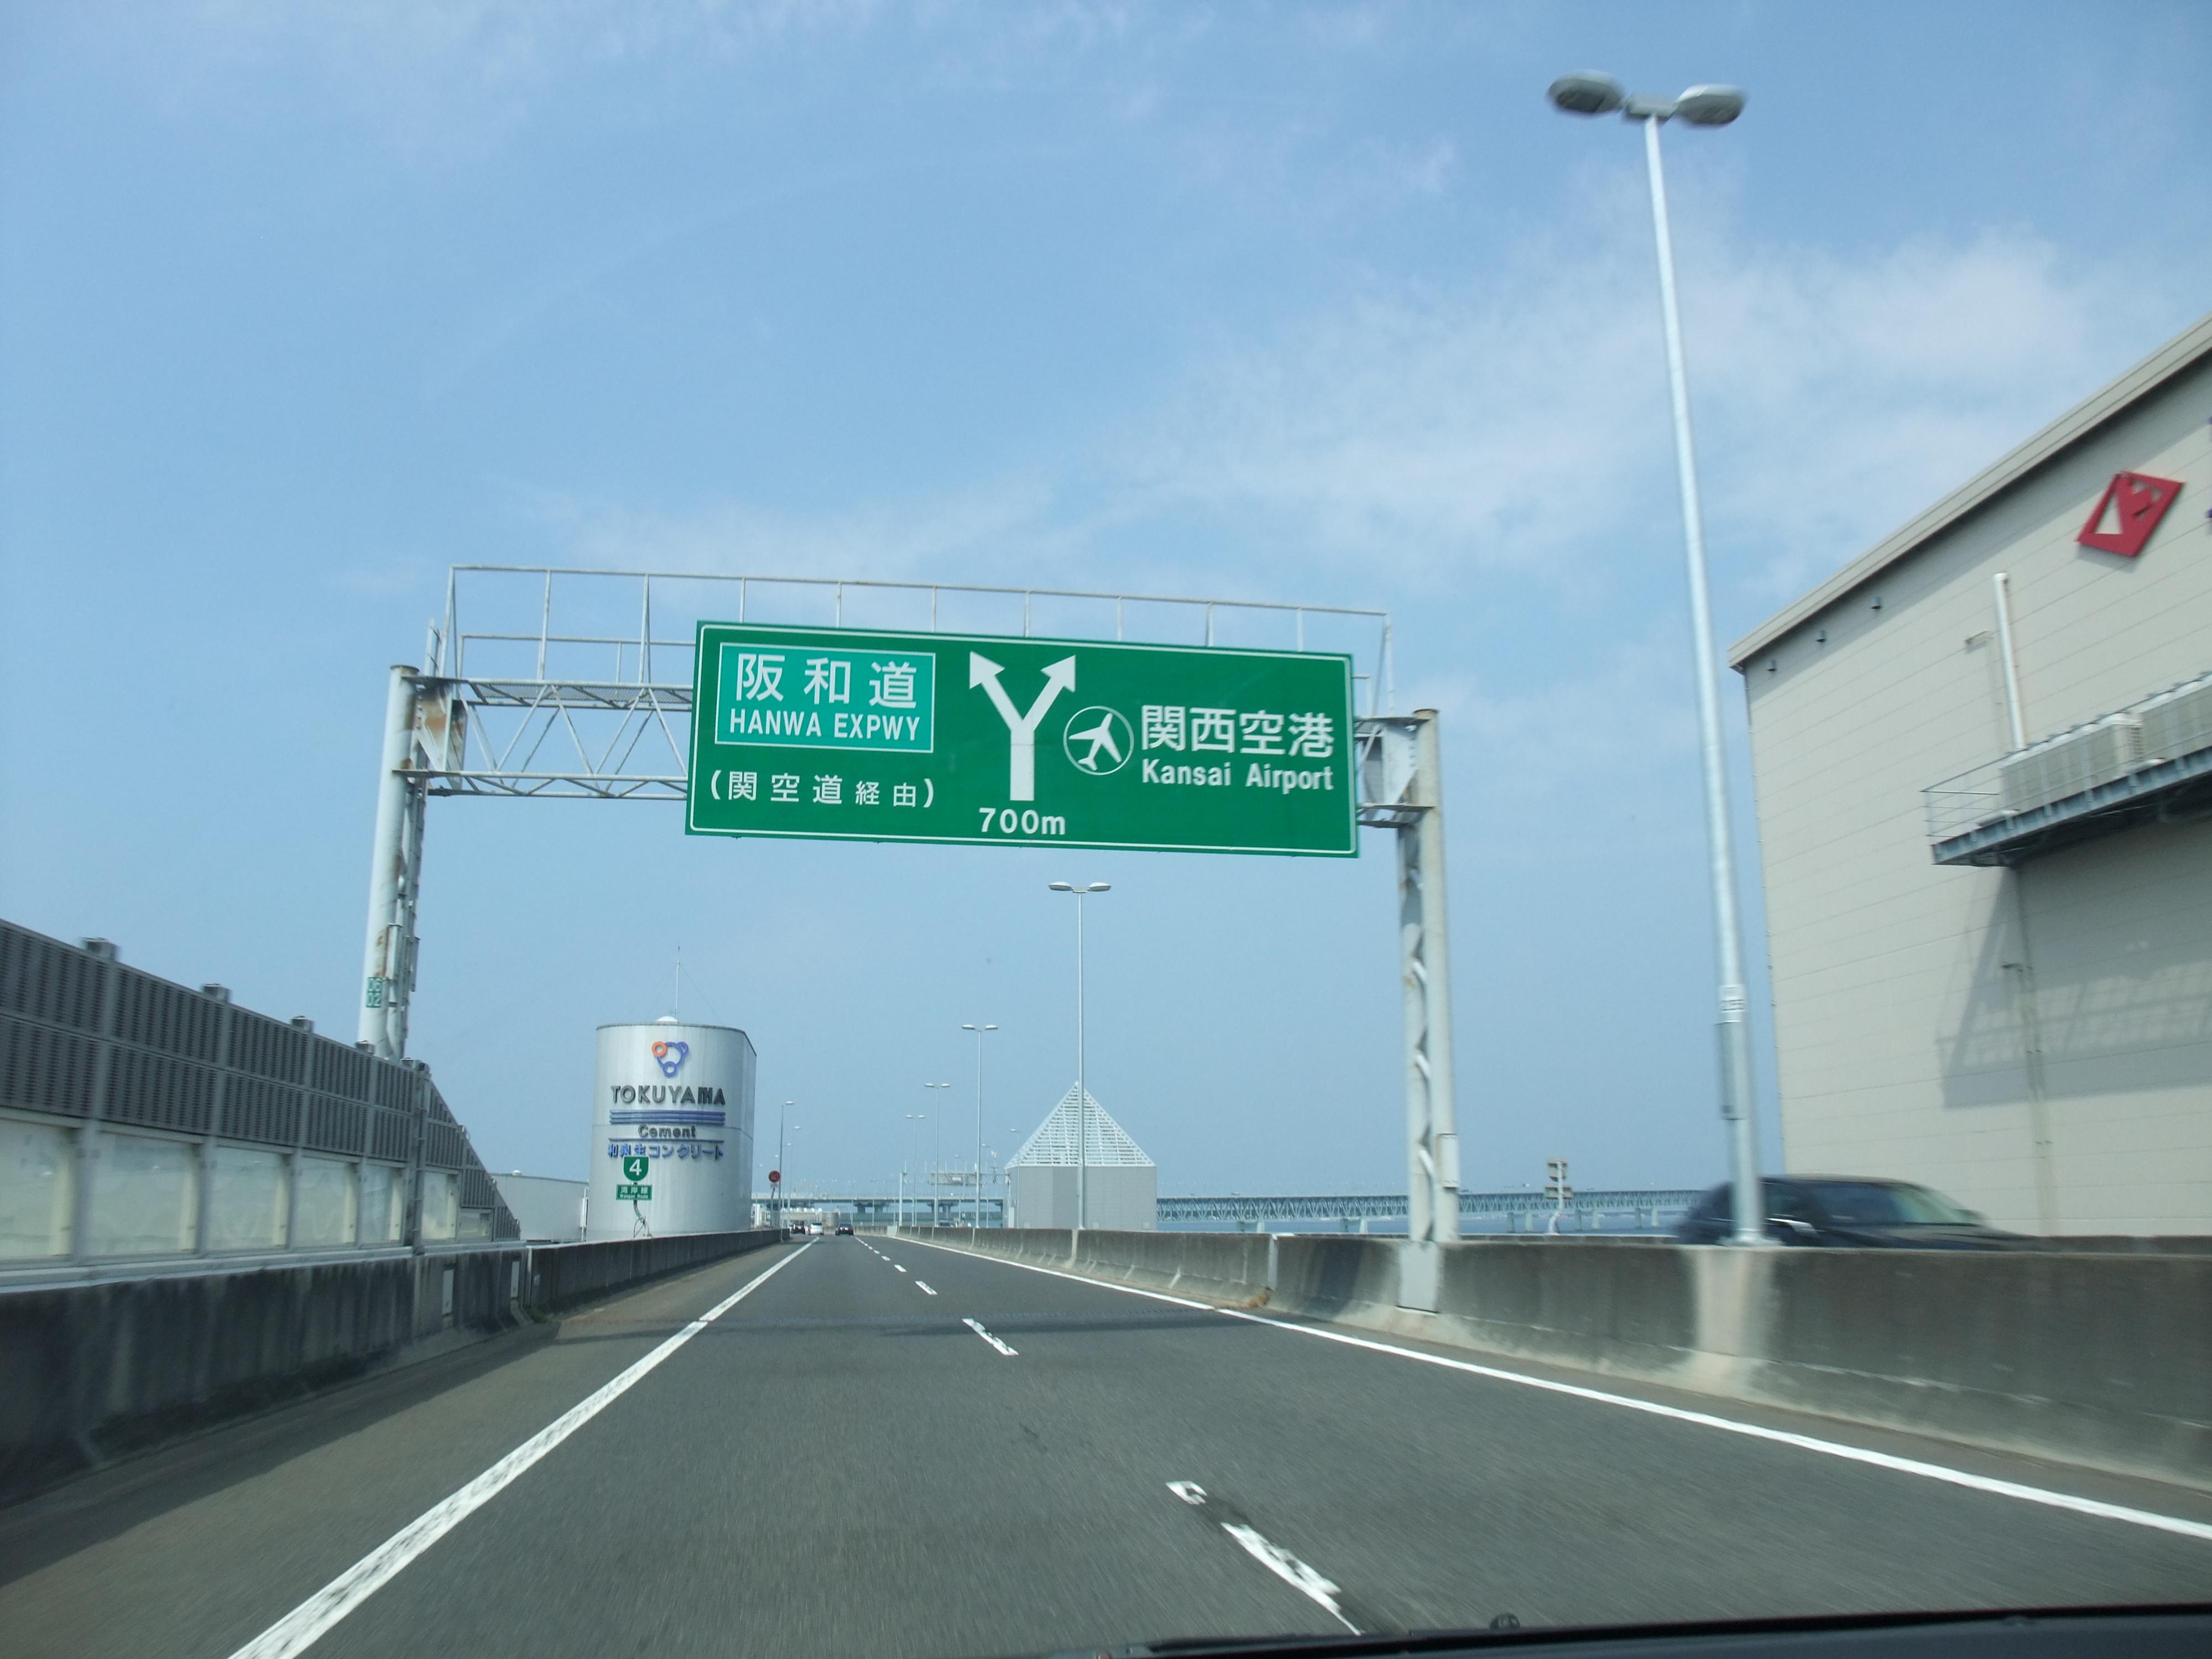 阪神高速湾岸線関空方面